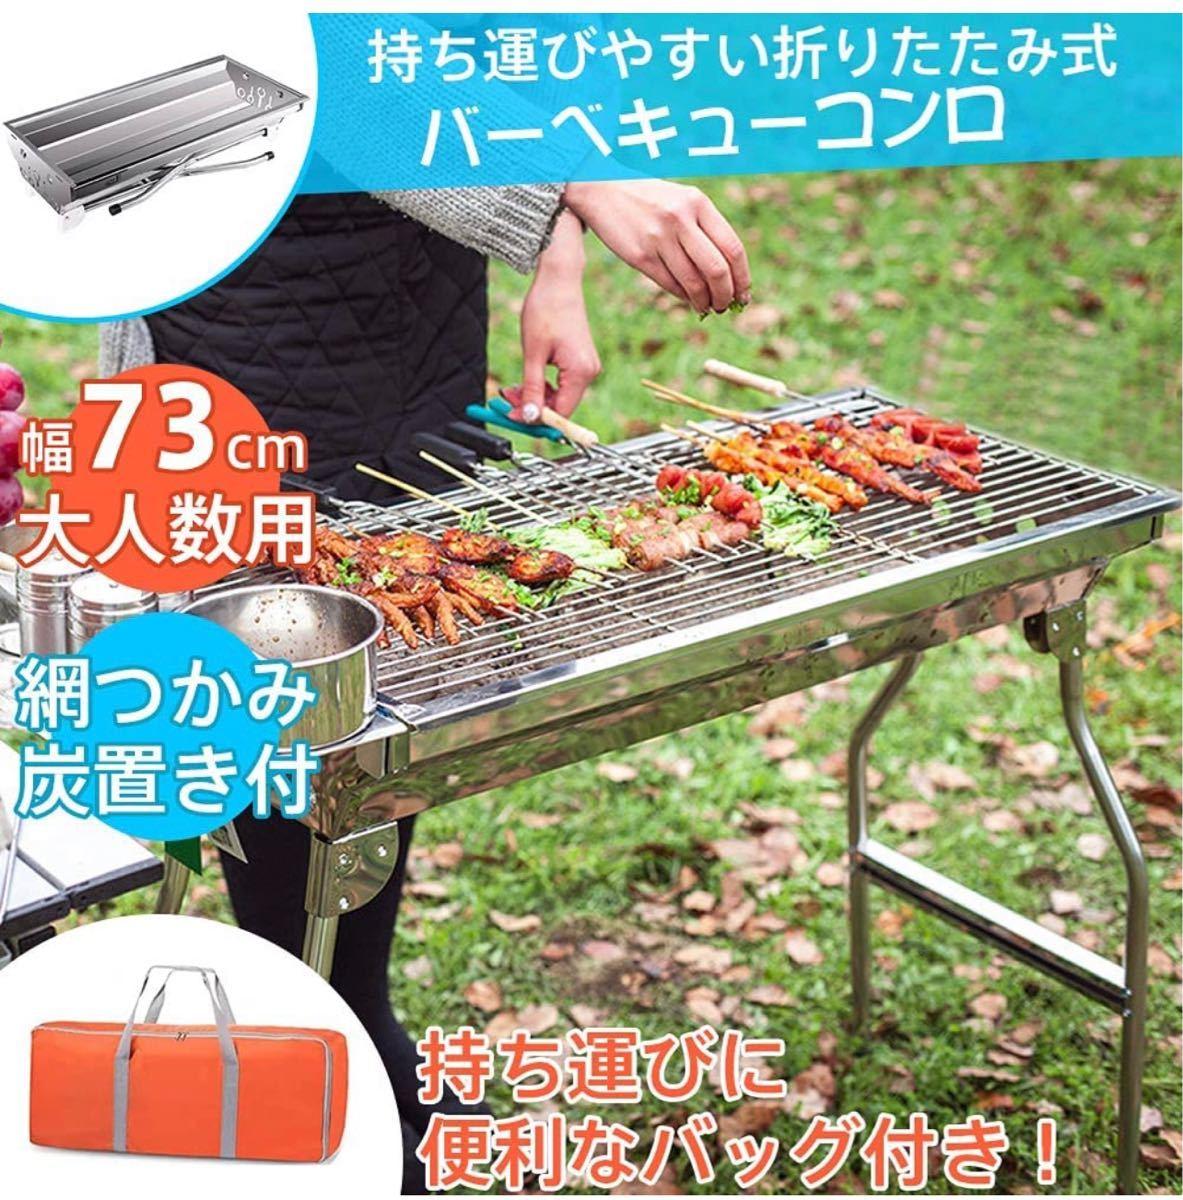 バーベキューコンロ 折りたたみ式 iHOVEN 大型 バーベキューグリル 大人数用 炭網付き ステンレス製 軽量 組立不要 焼肉